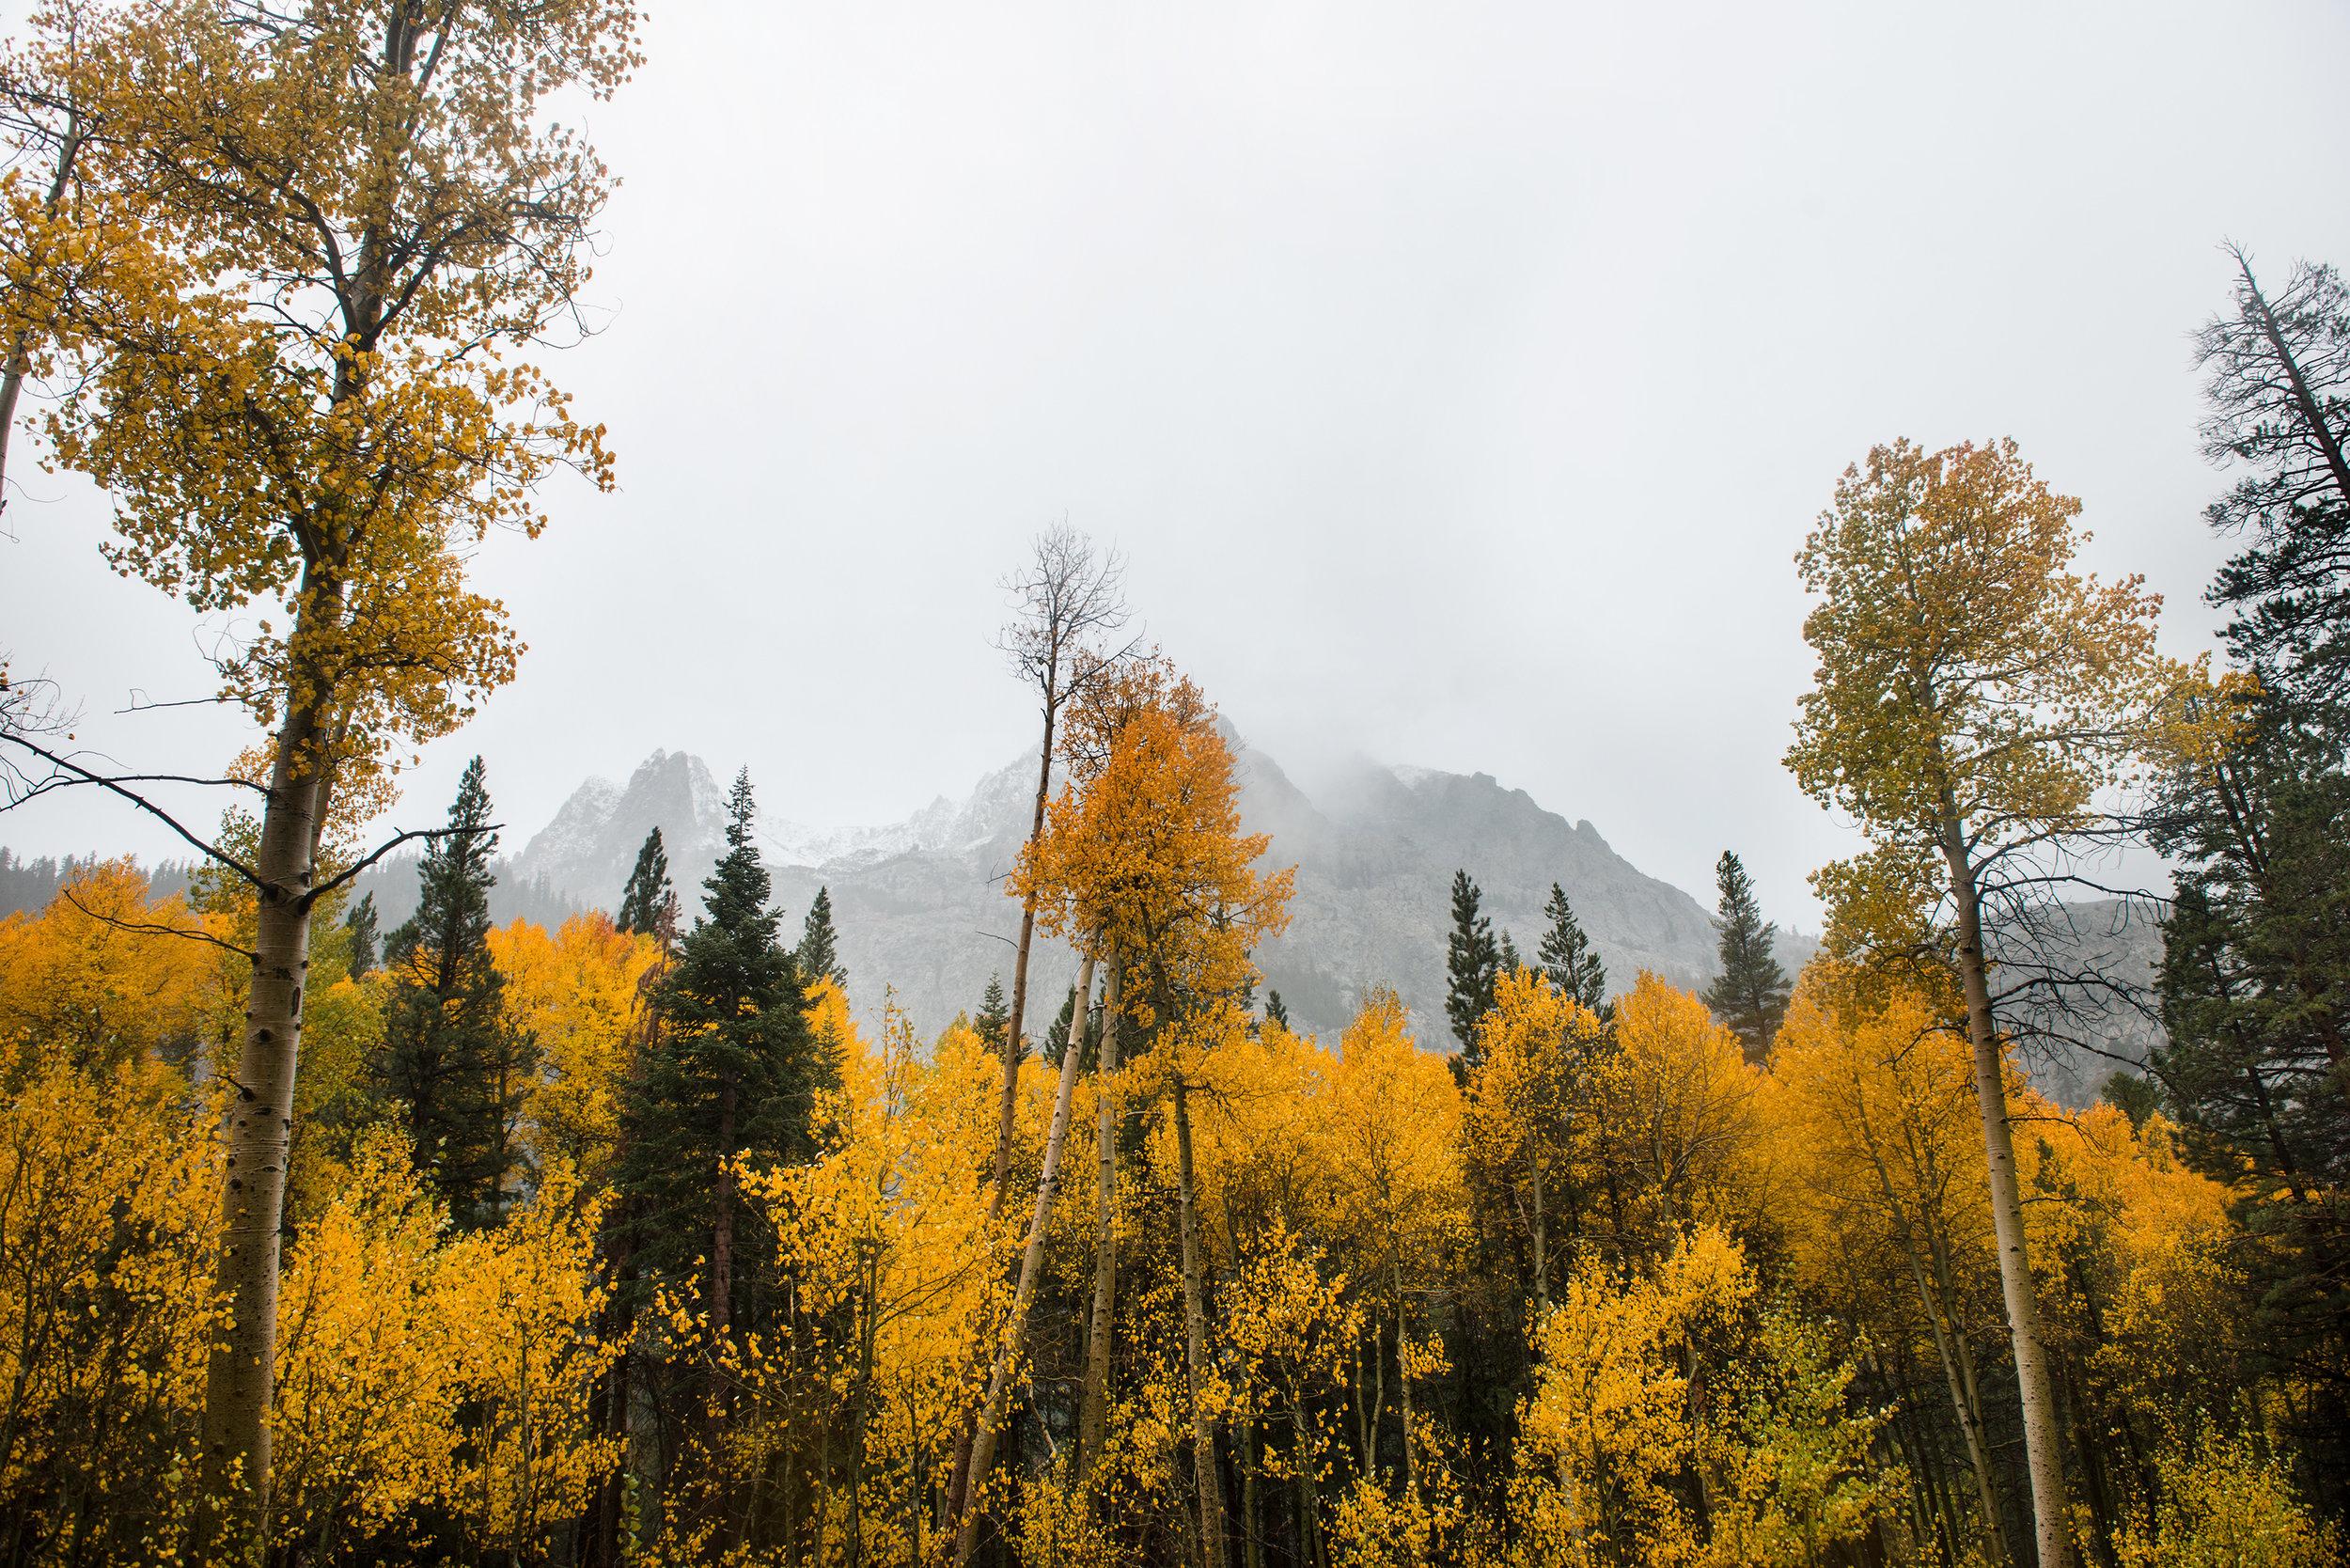 mammoth-lakes-fall-colors-Laura-bear.jpg